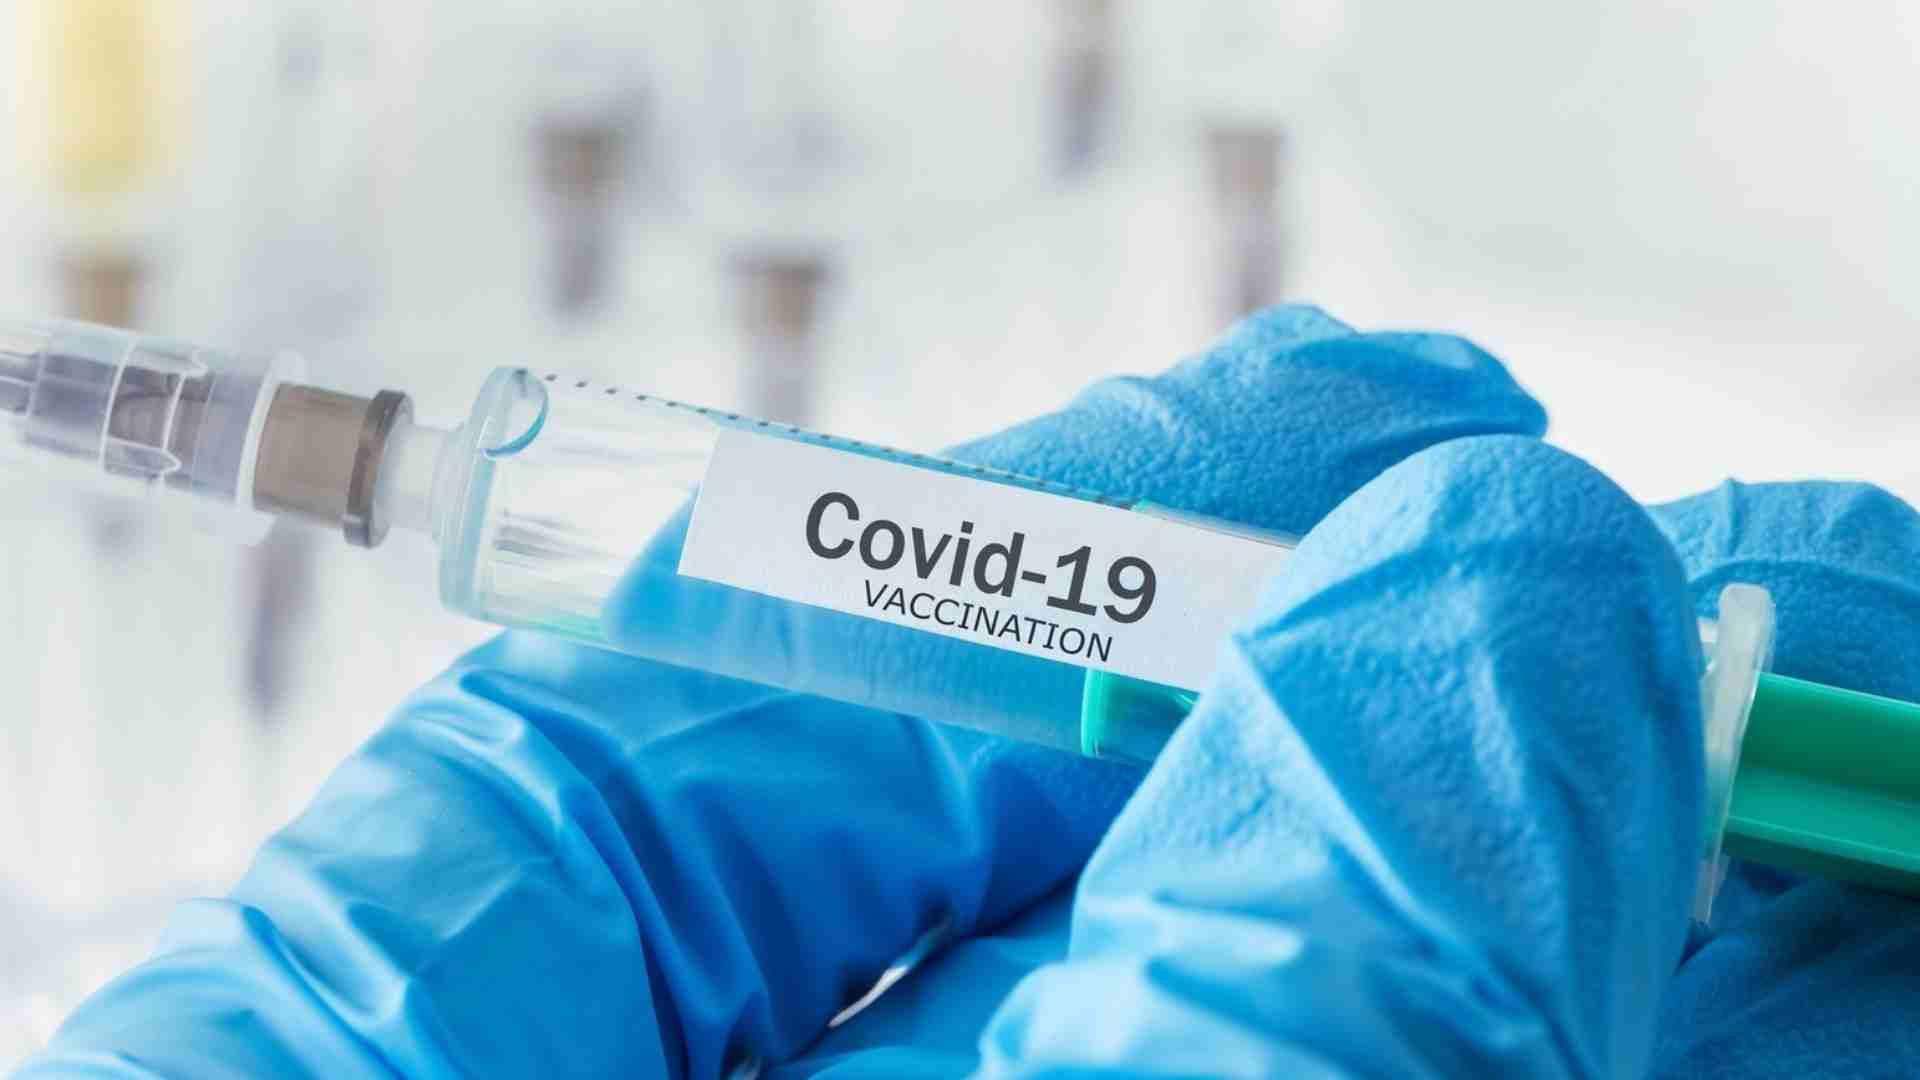 Una jeringuilla con una de las vacunas contra la COVID-19